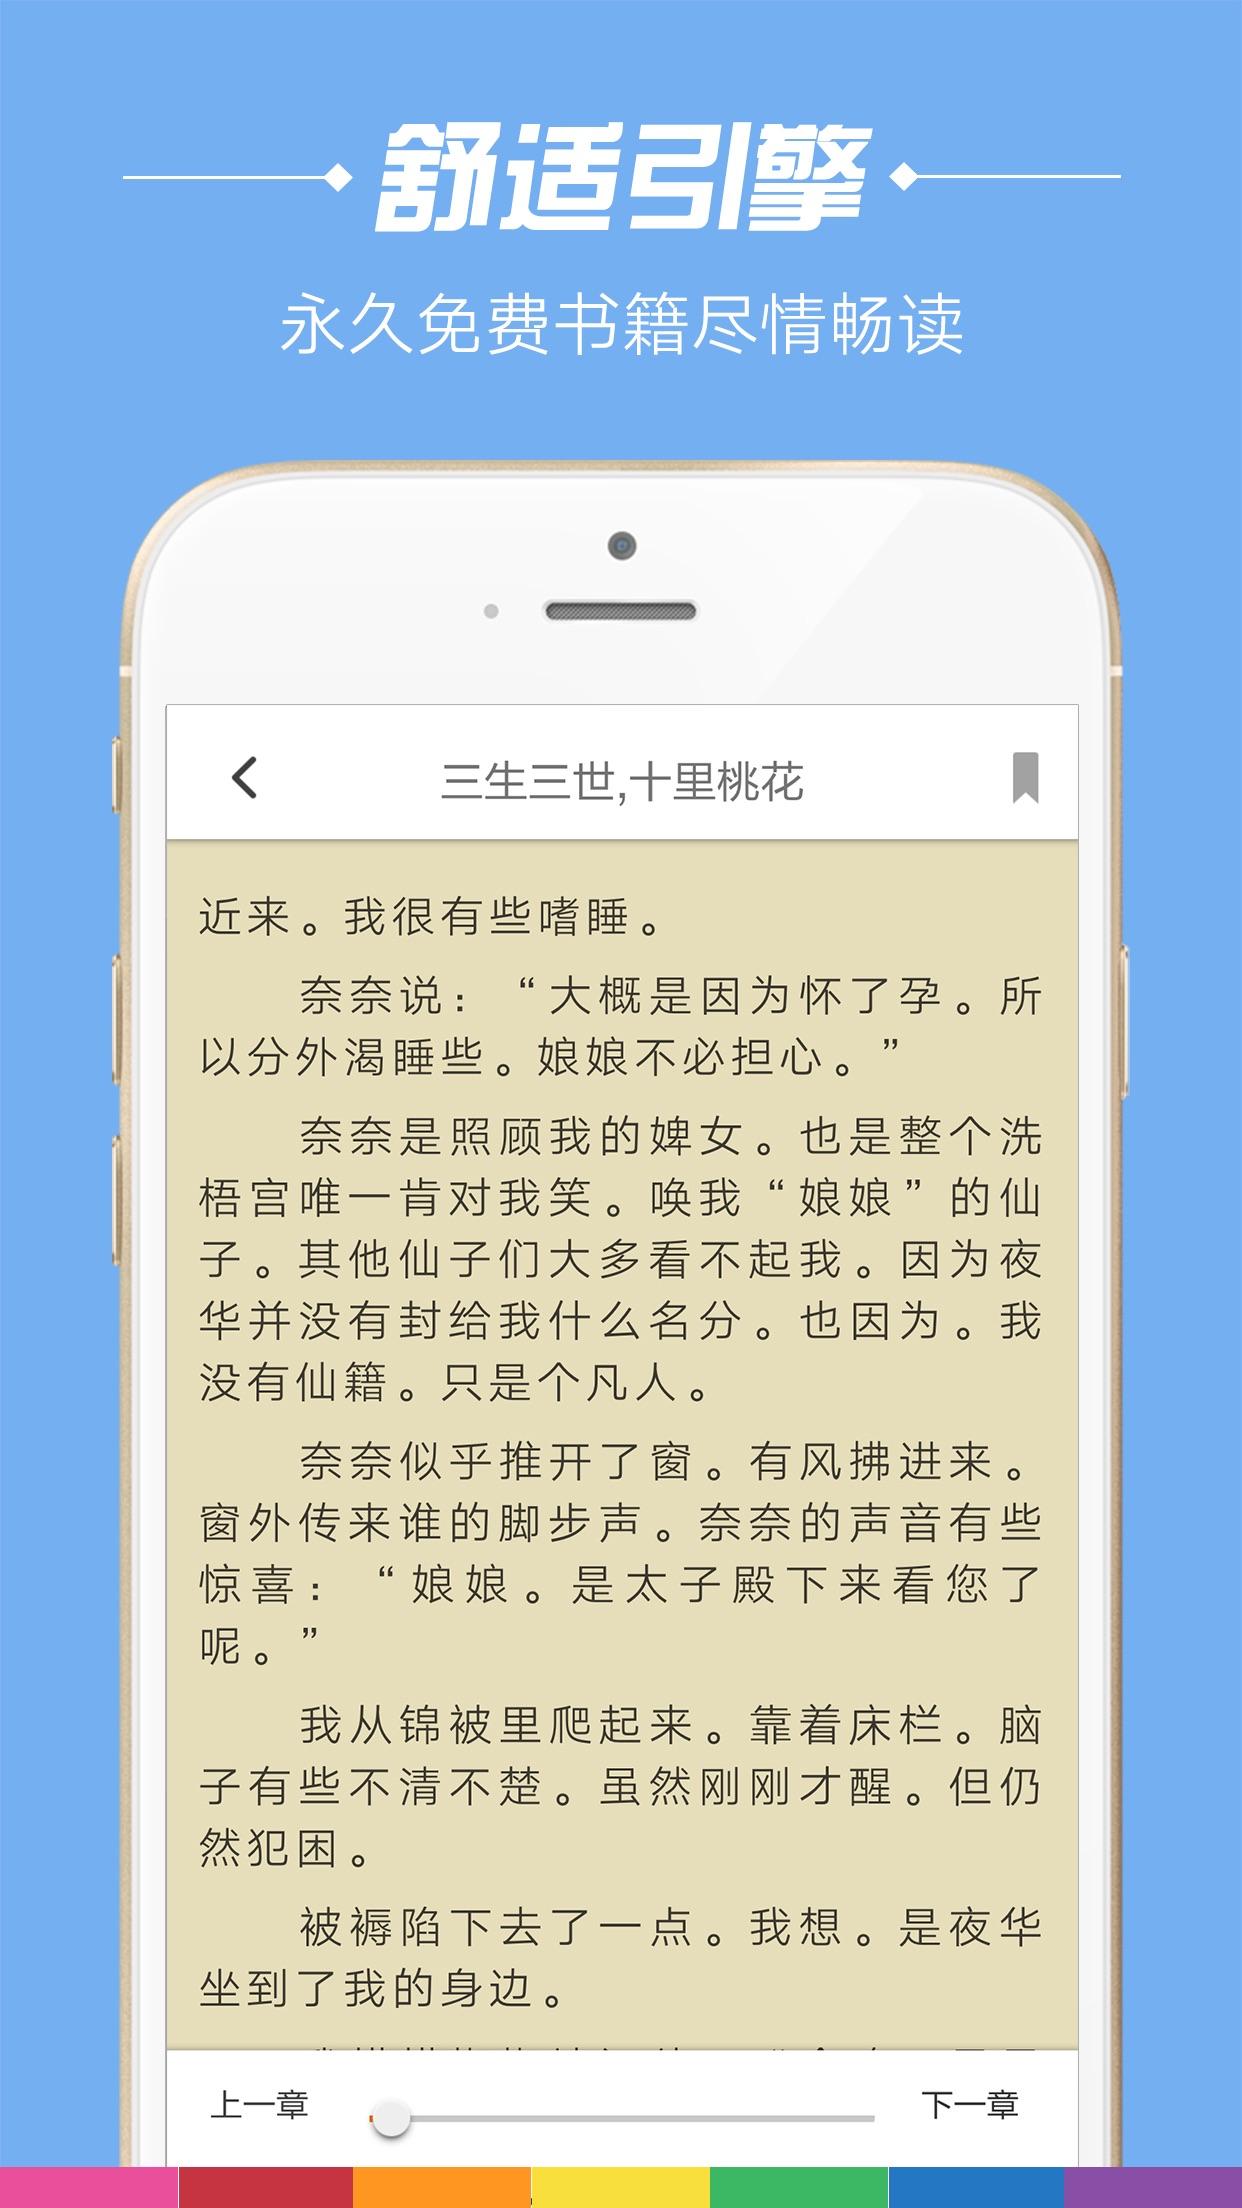 穿越言情小说全本合集—经典言情小说精编合集,免费书城海量下载 Screenshot